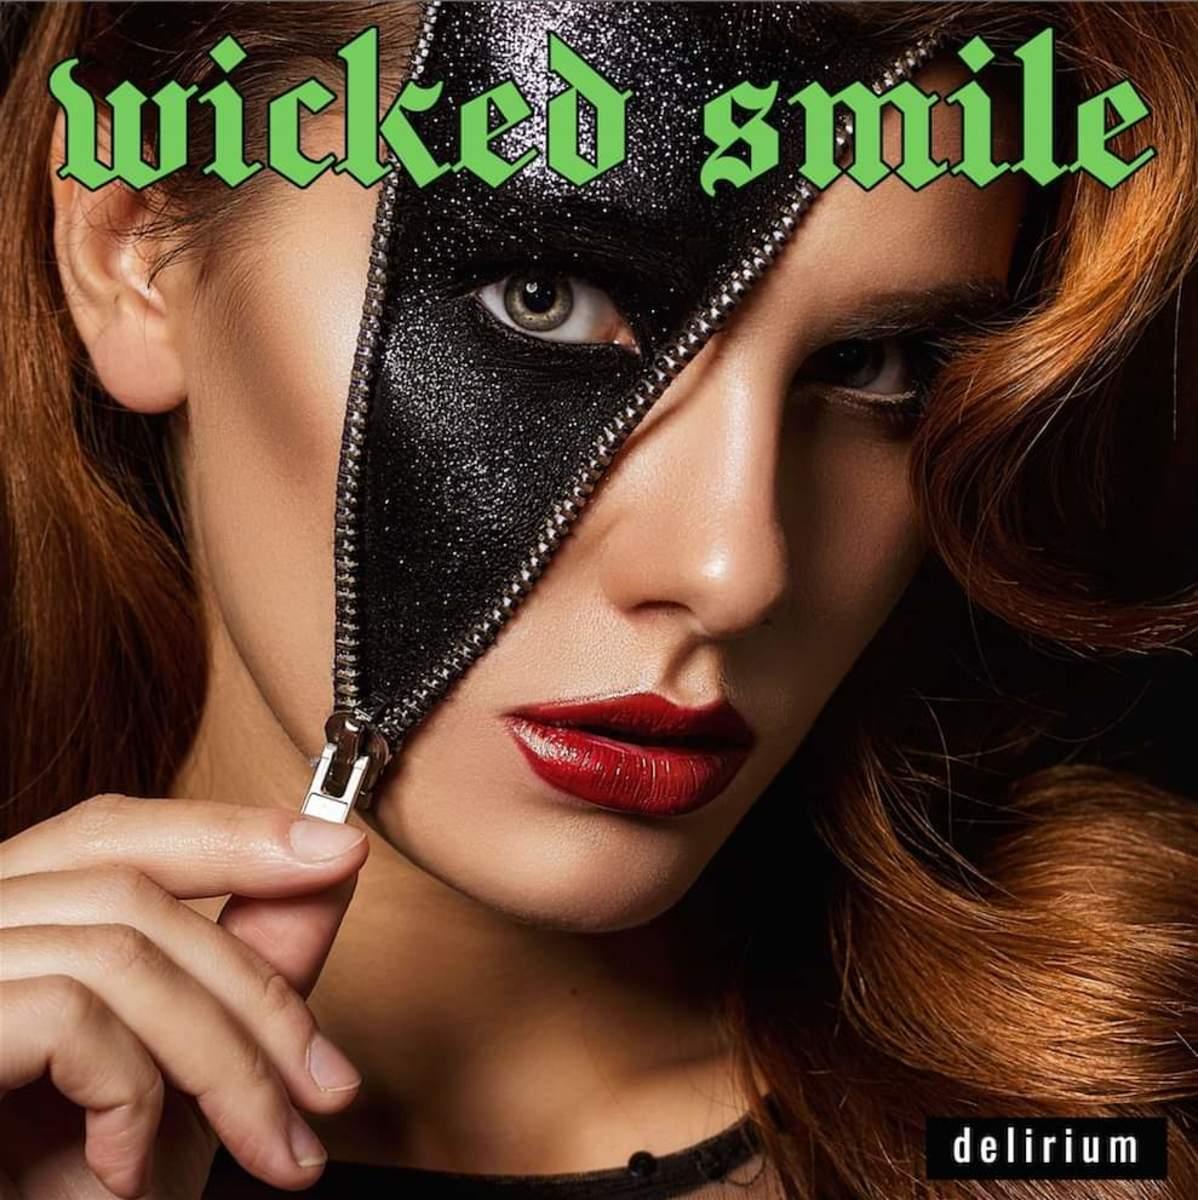 Wicked Smile - Delirium EP 15040037_f1024